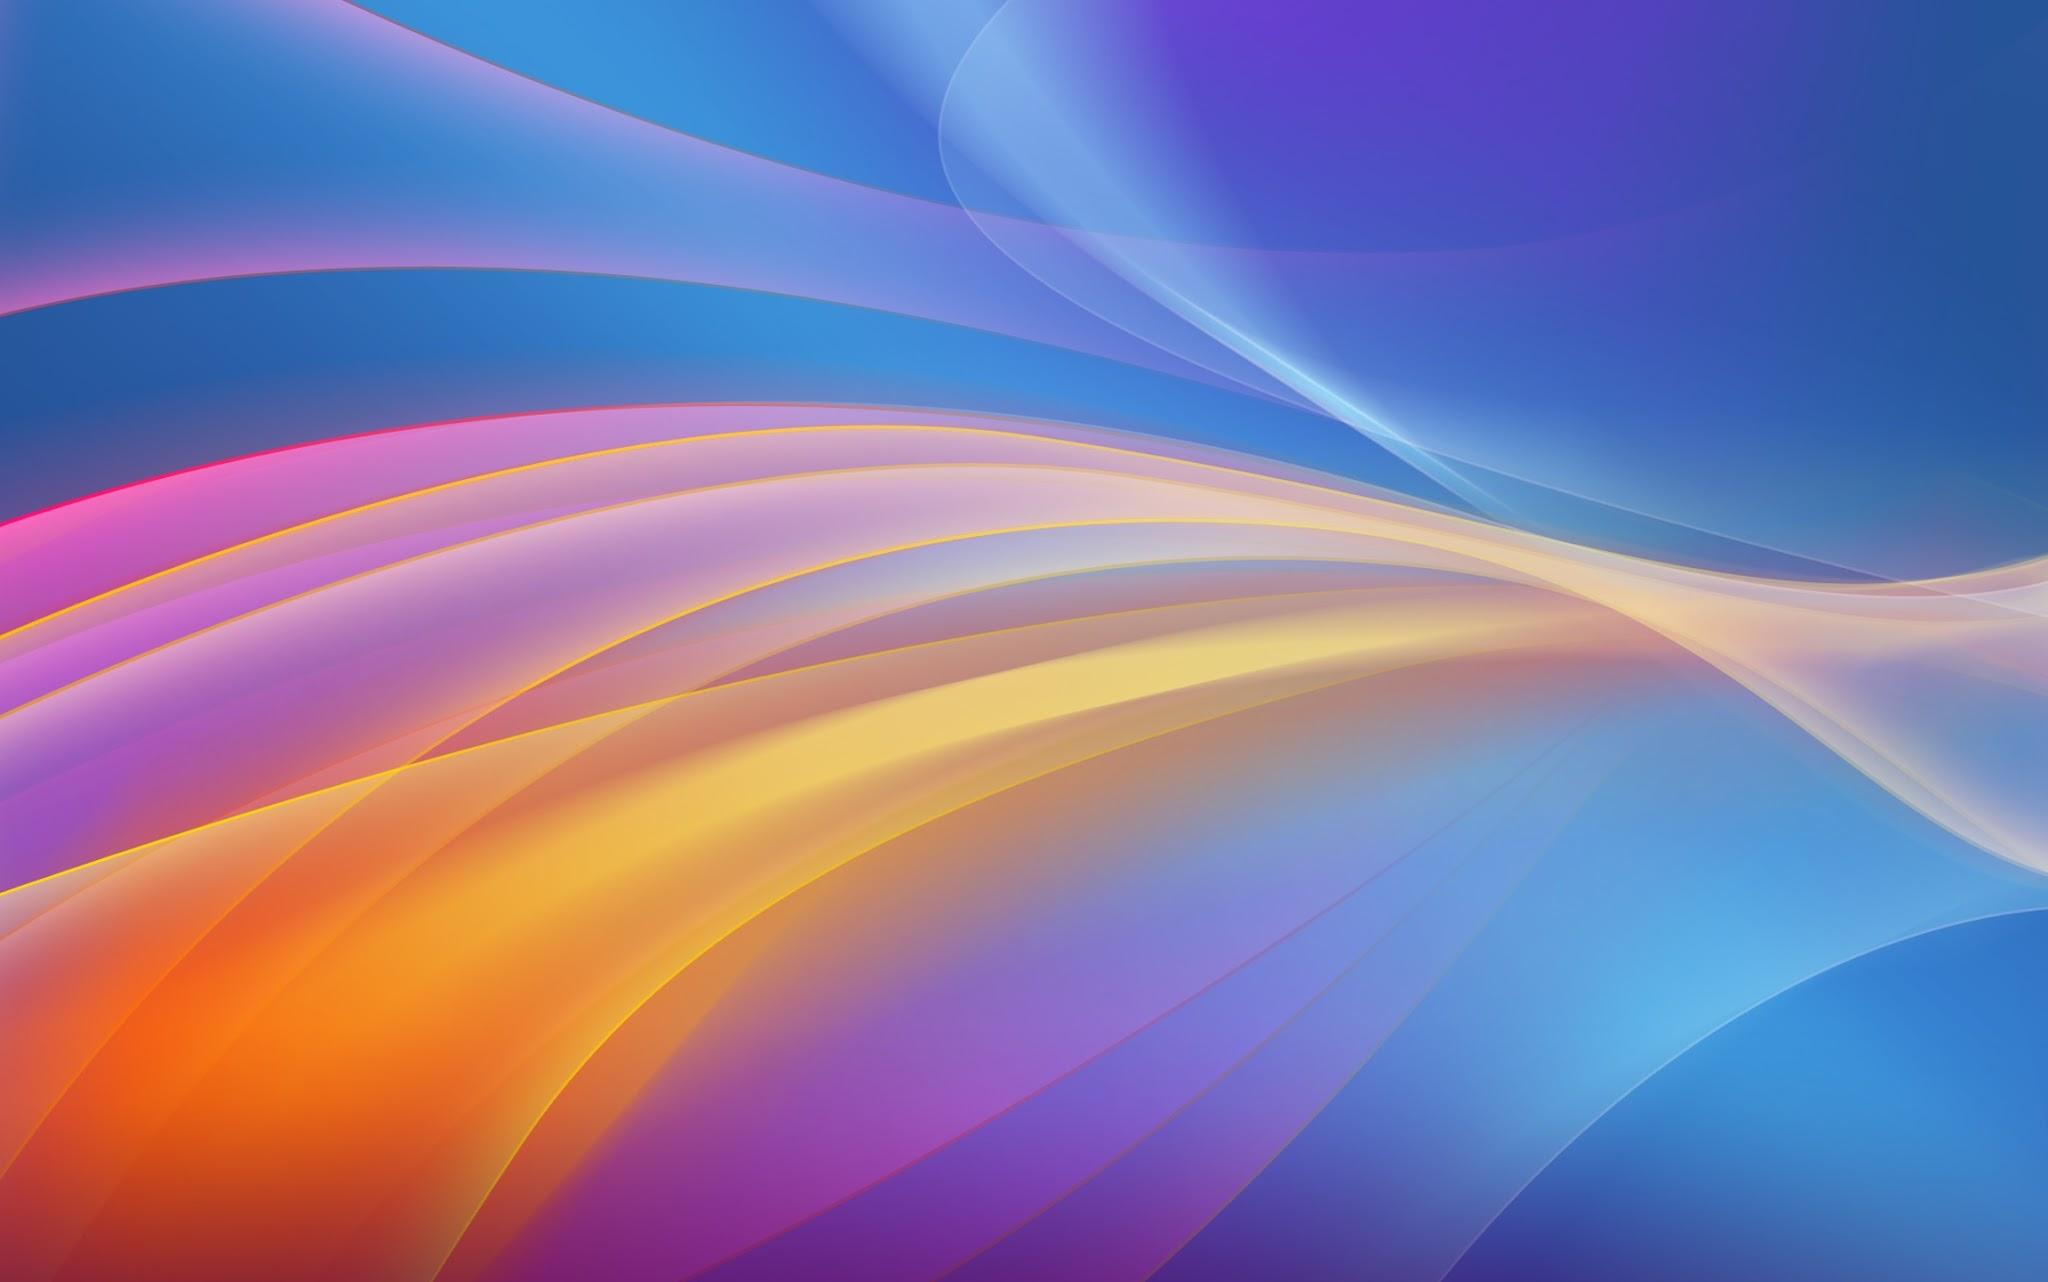 fond d'écran pour tablette samsung galaxy tab 4